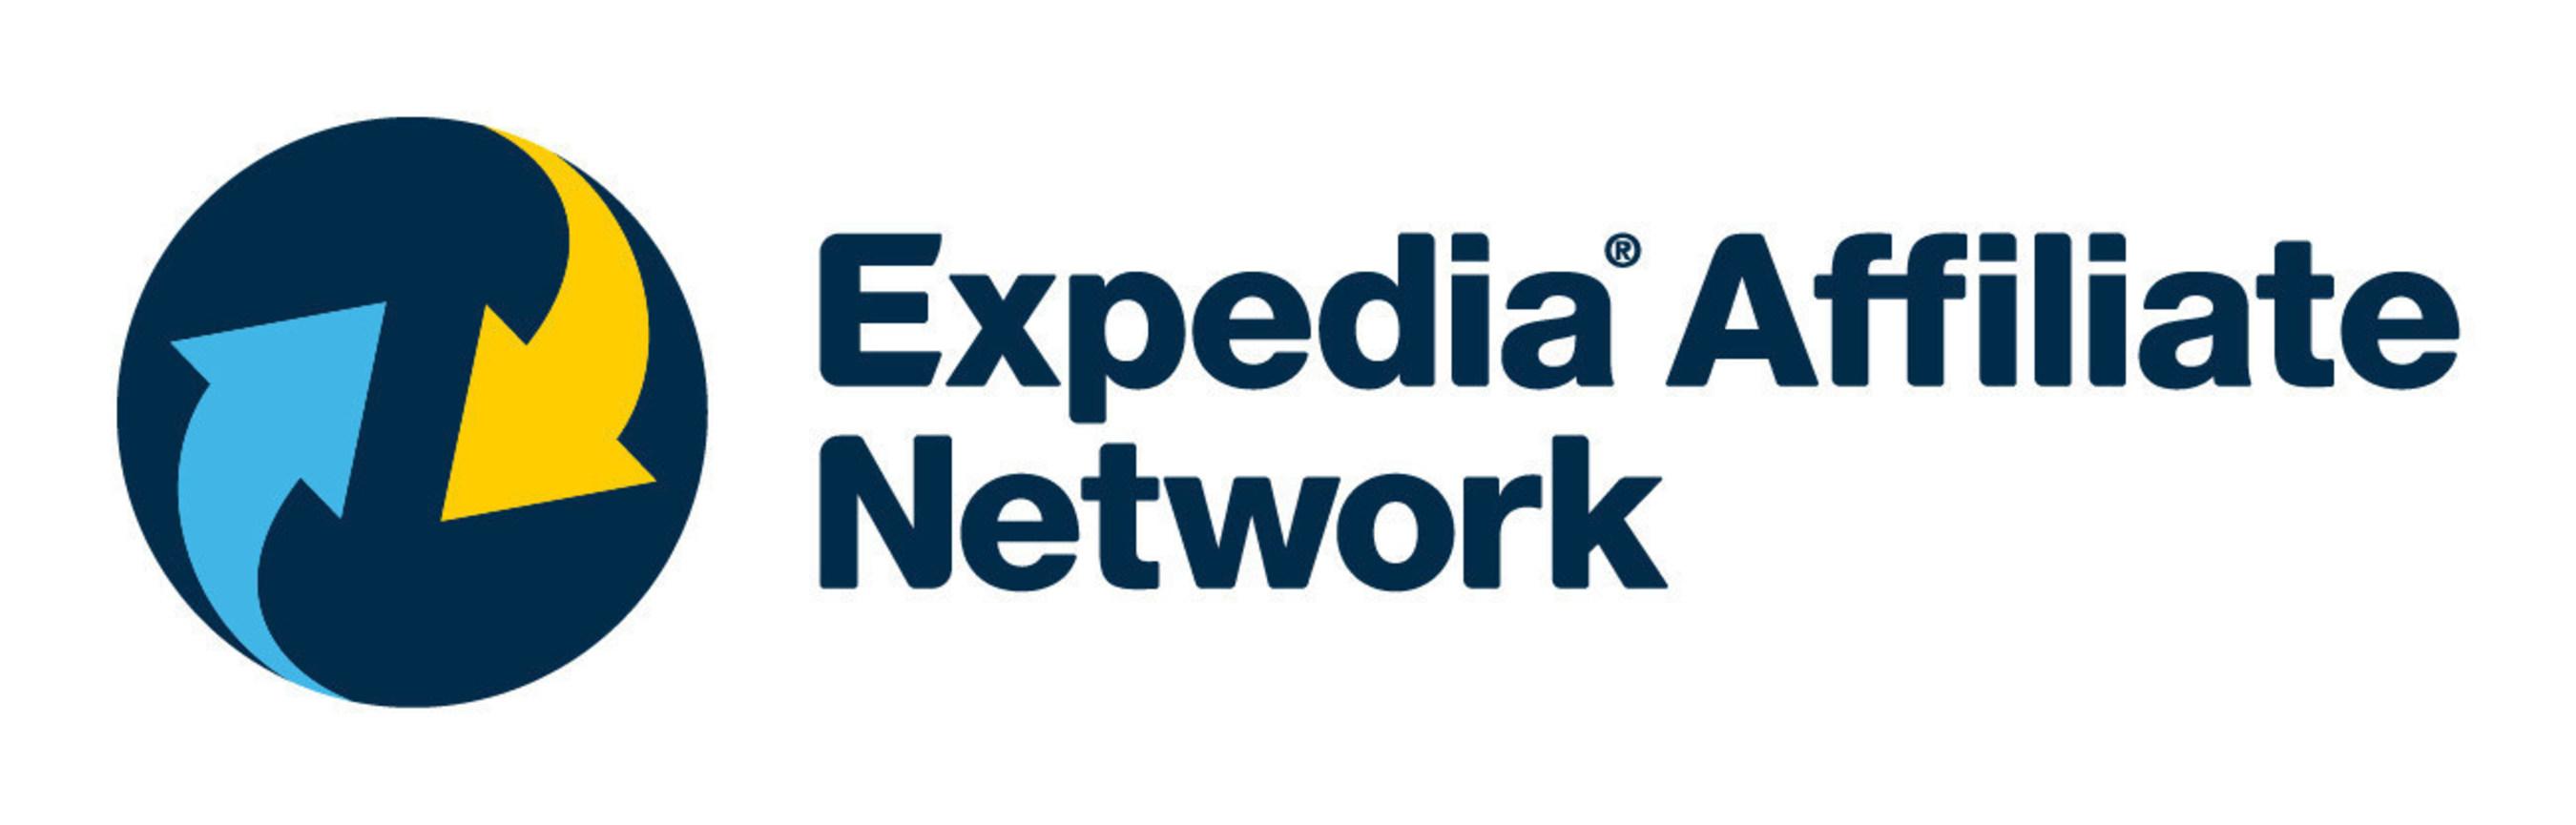 Expedia Affiliate Network confirme sa participation au salon ITB de Berlin qui fête son 50e